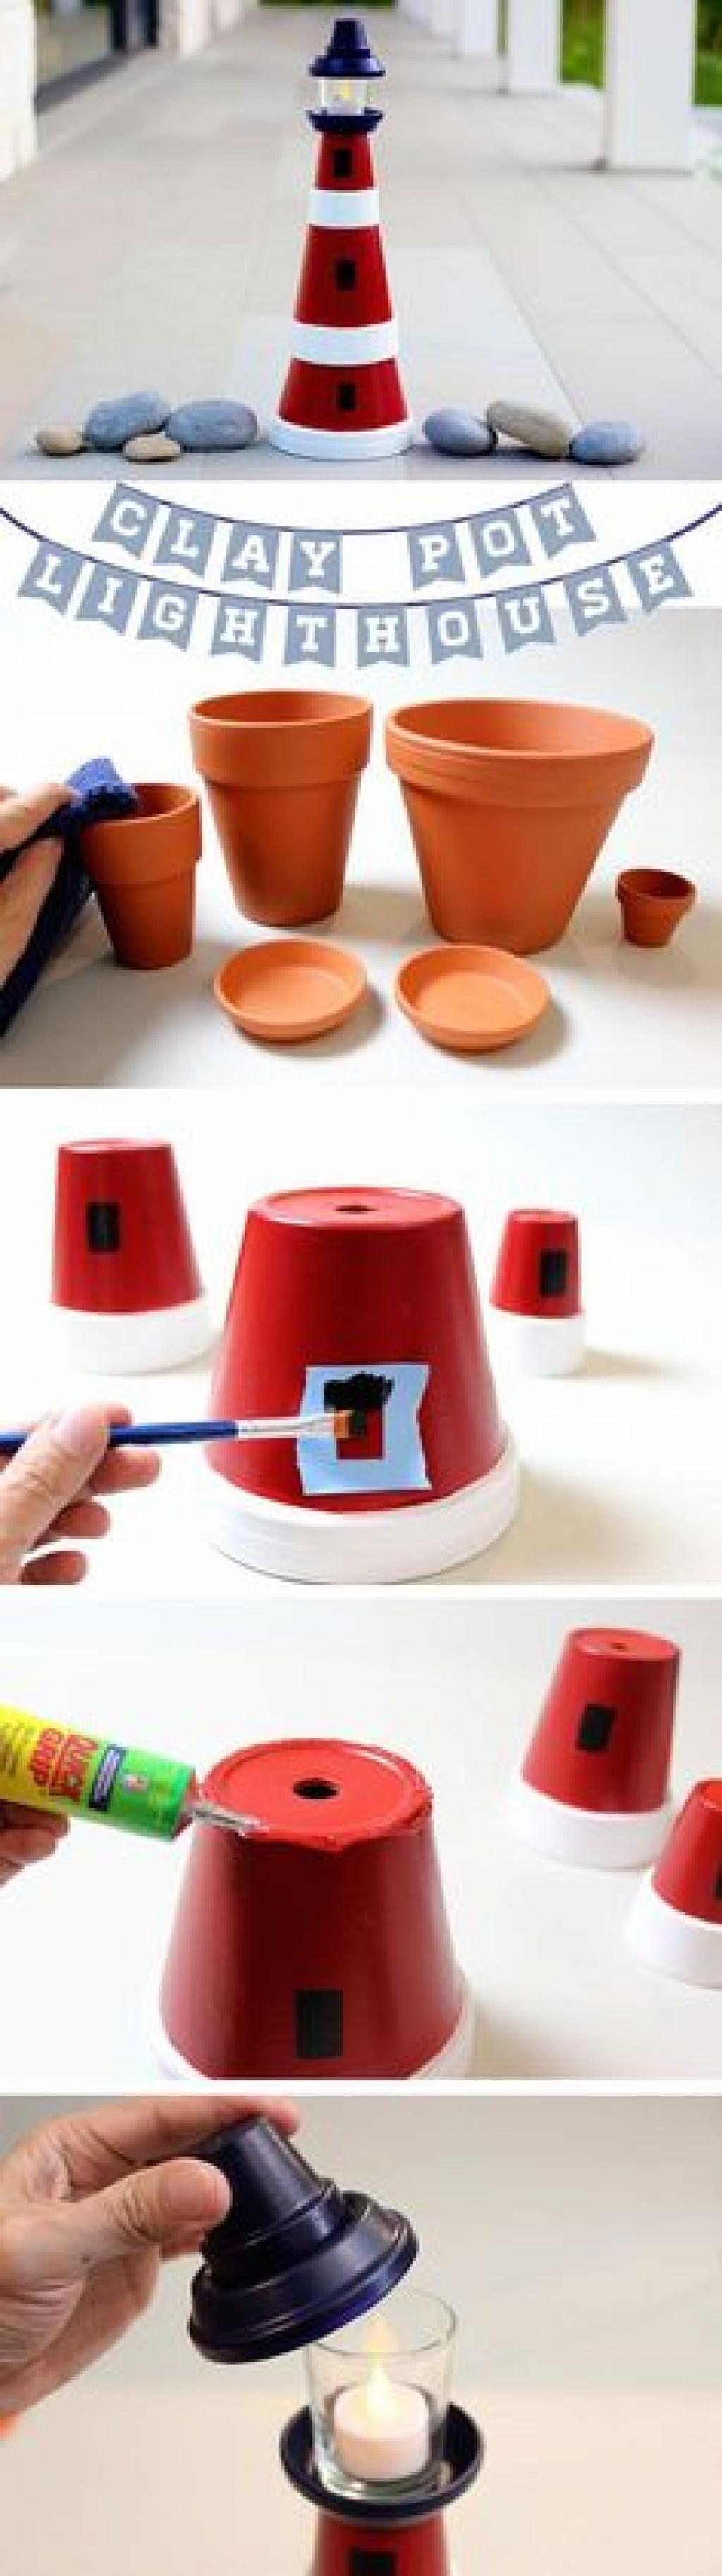 12 nouveaux mod les de d corations de jardin faire avec des pots en terre cuite nature - Decoration de jardin avec des pots en terre ...